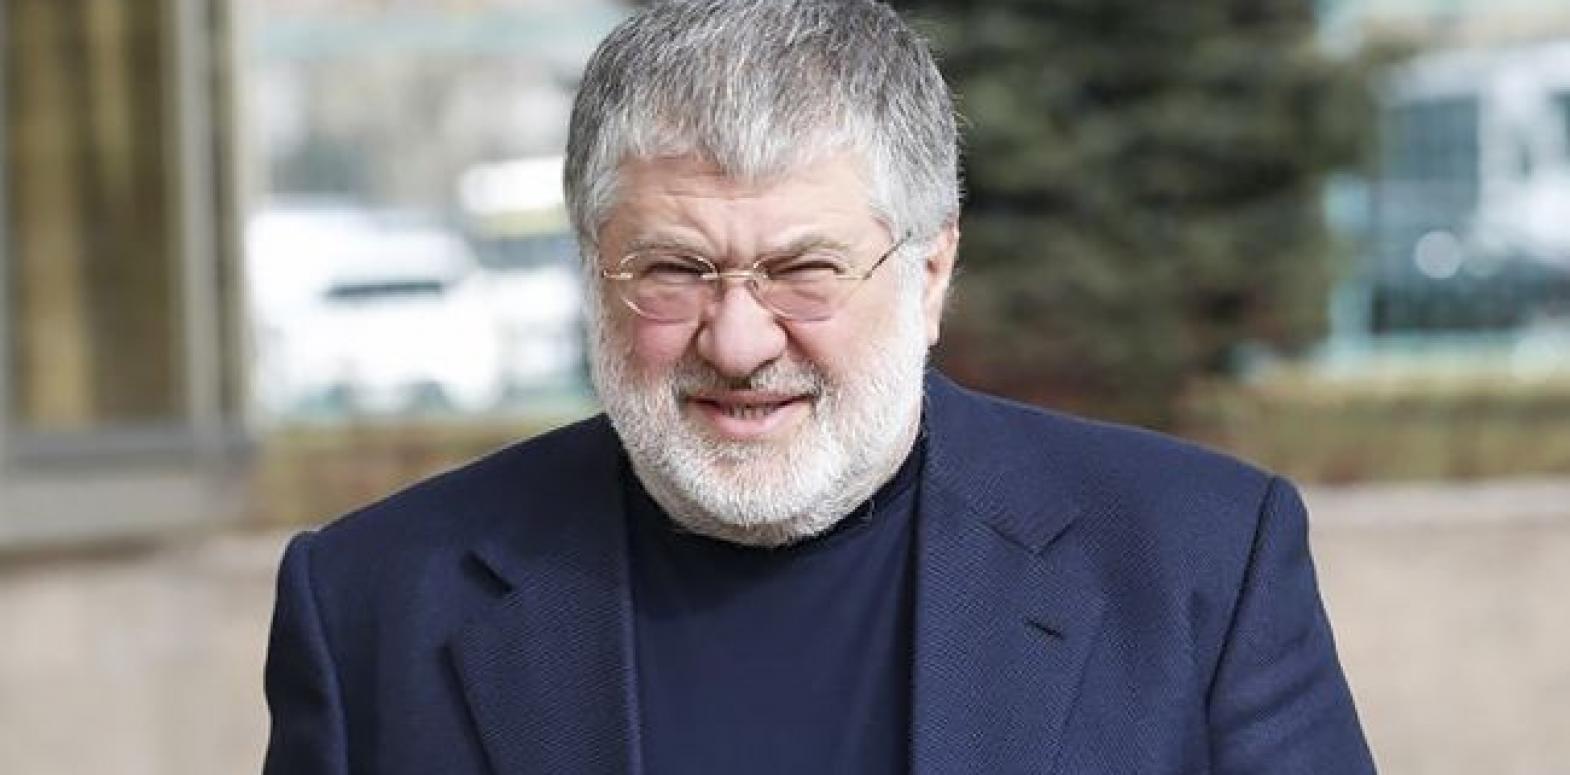 ПриватБанк выплатил заводу Коломойского 22 млн гривен